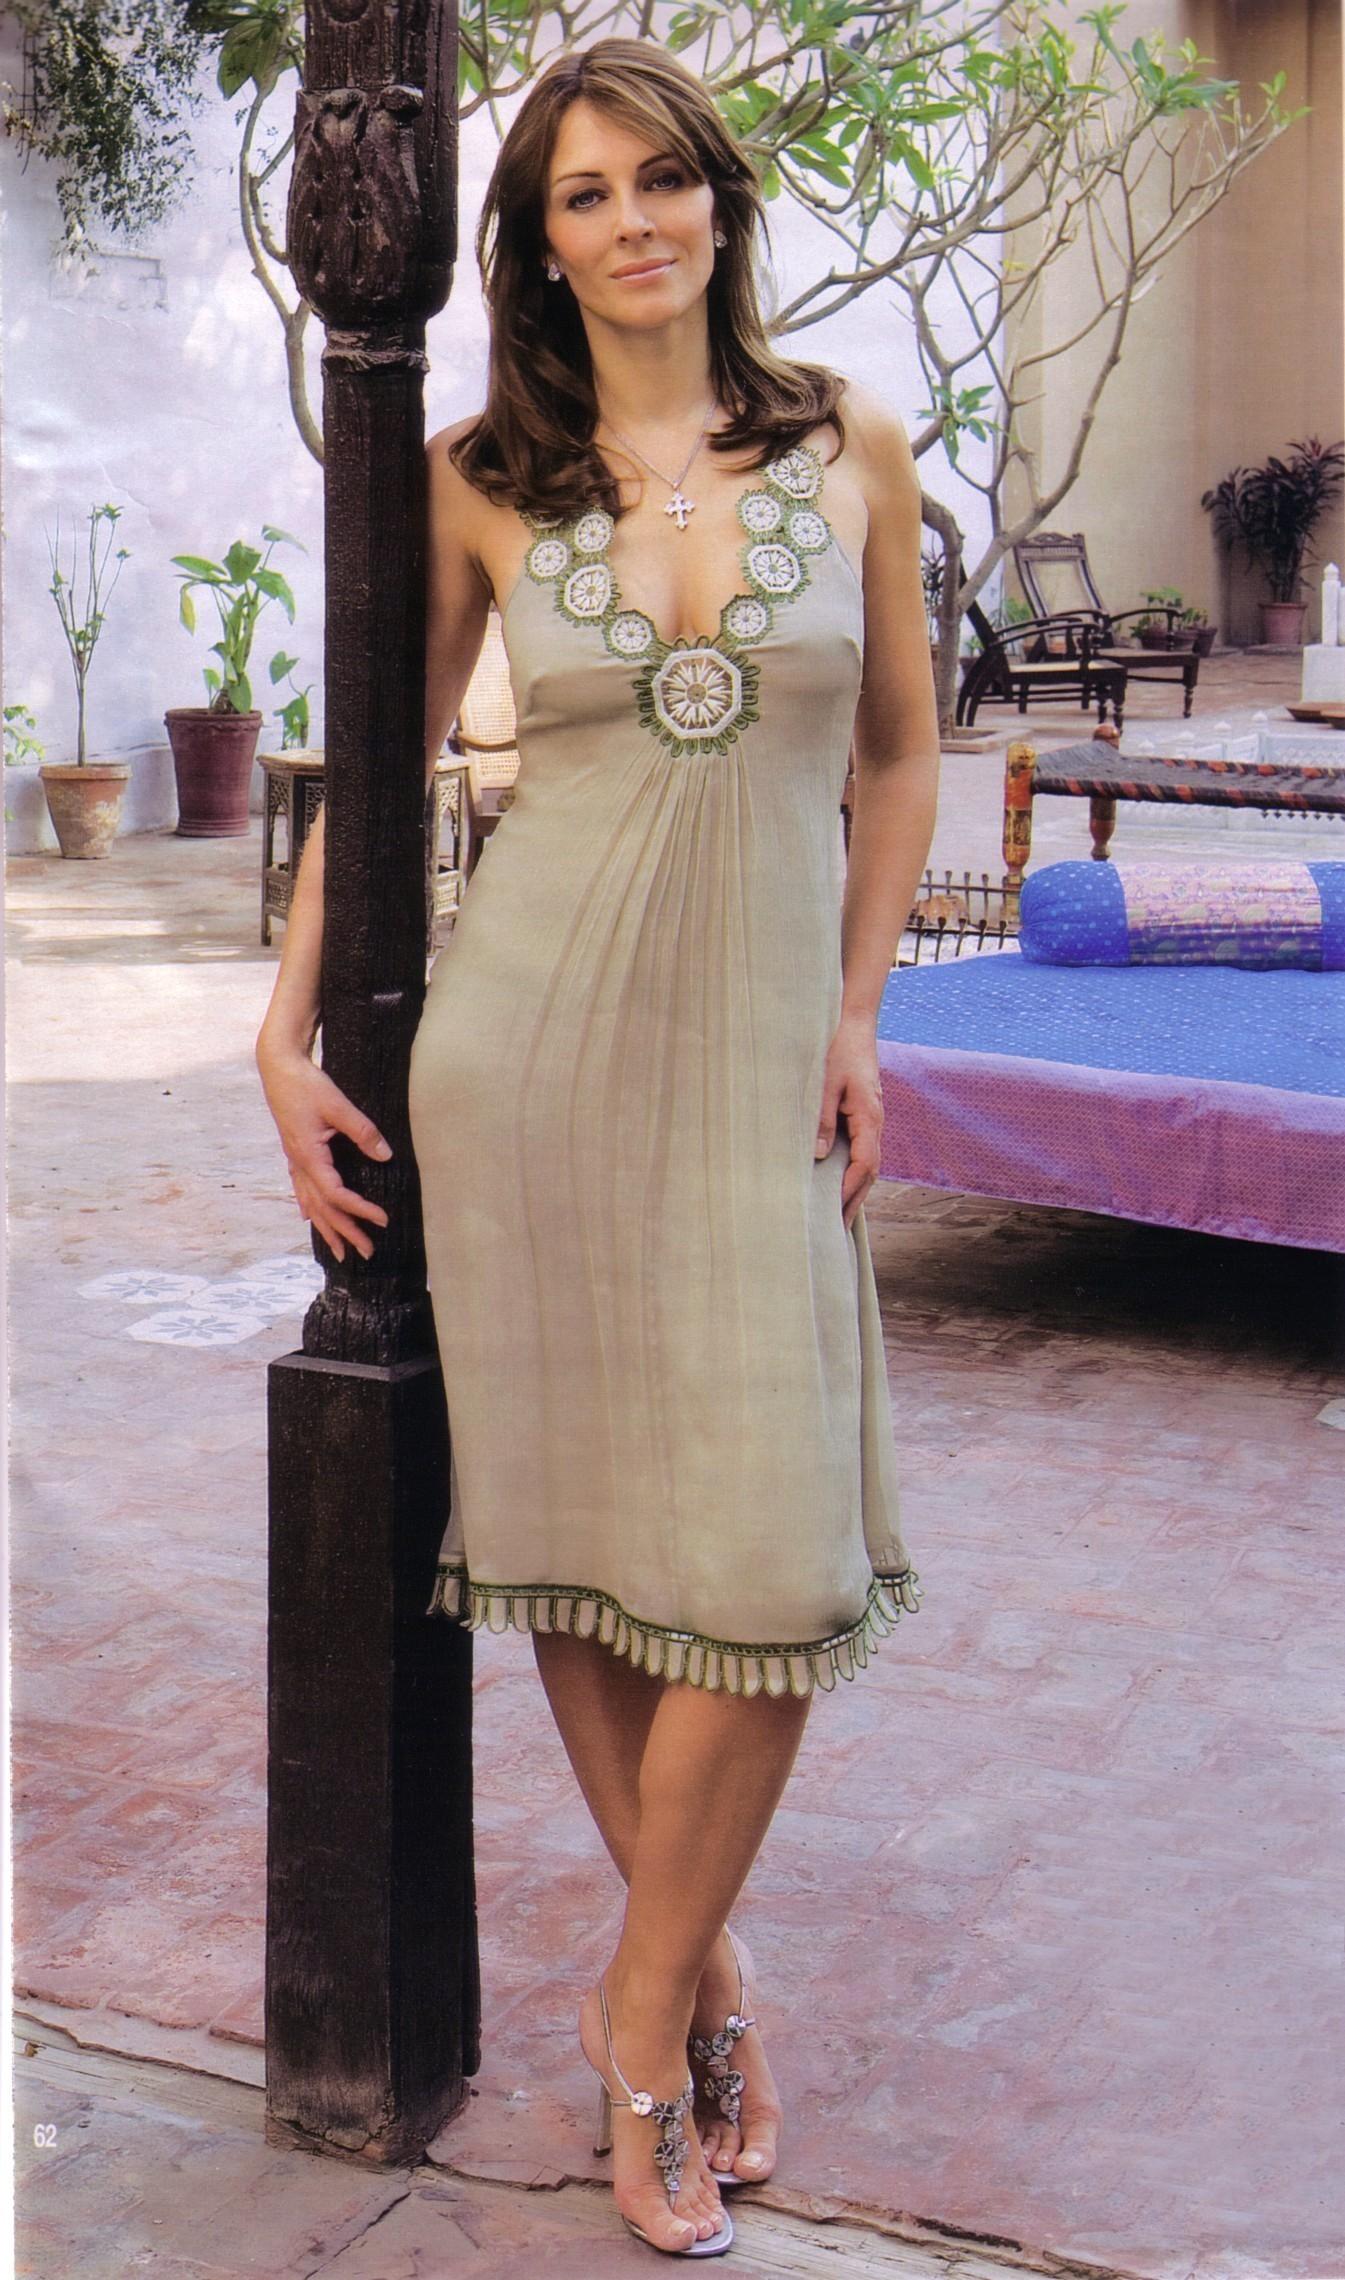 http://images1.fanpop.com/images/photos/1500000/Elizabeth-elizabeth-hurley-1549776-1345-2280.jpg